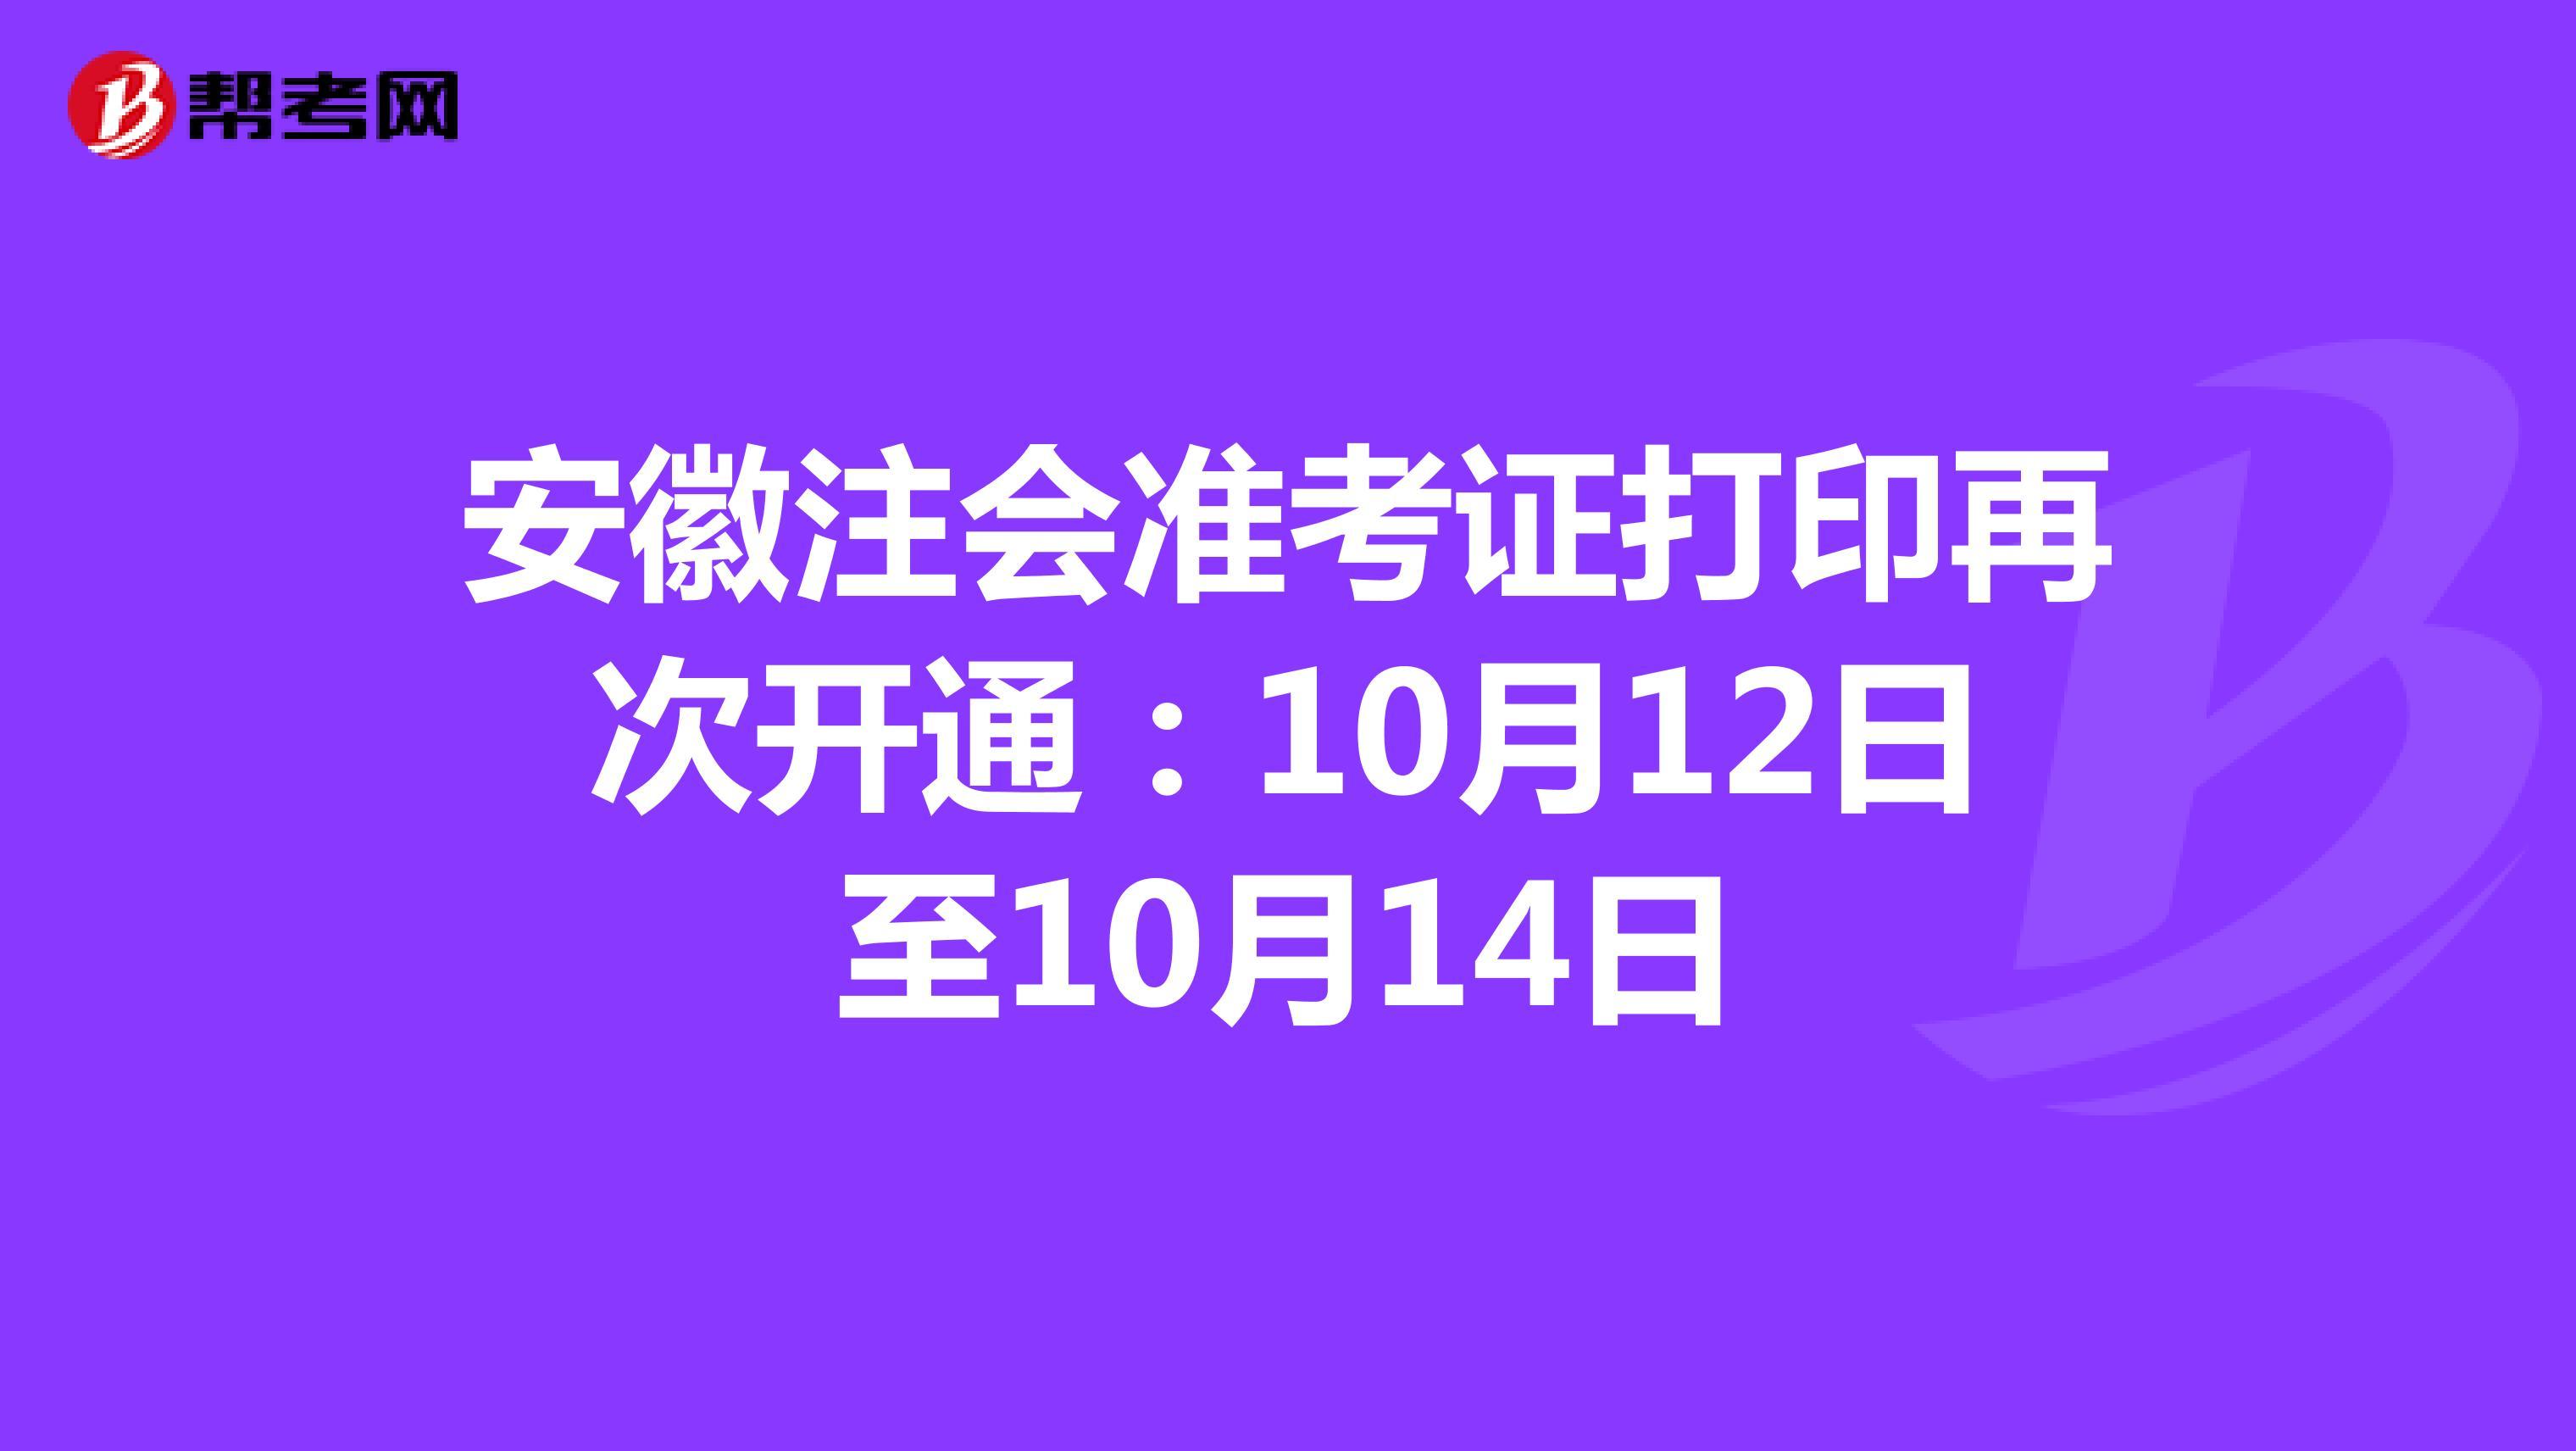 安徽注会雷火雷火再次开通:10月12日至10月14日